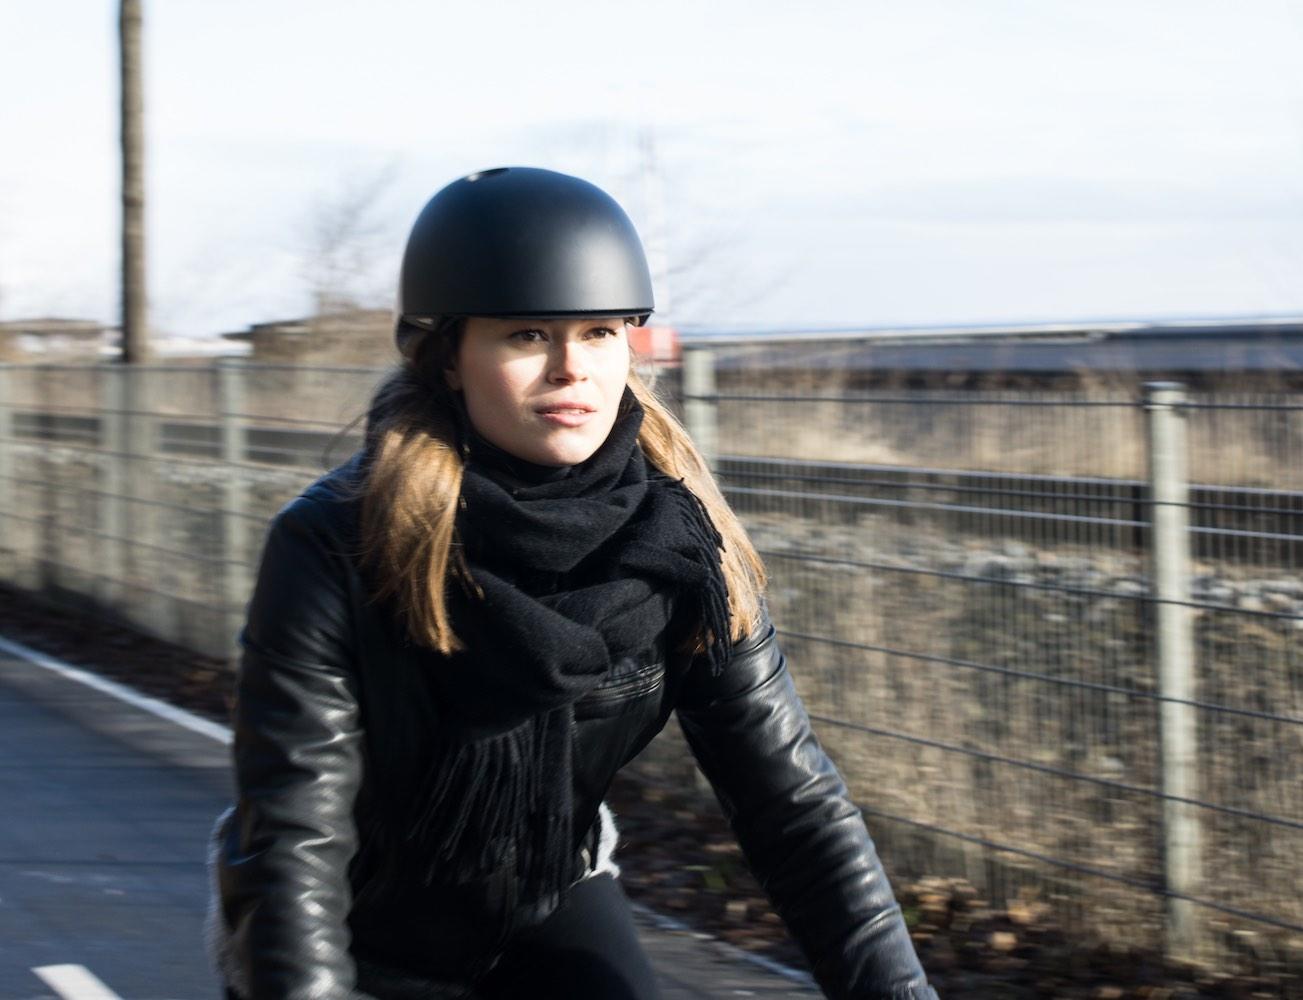 HEL – New Nordic Bicycle Helmet